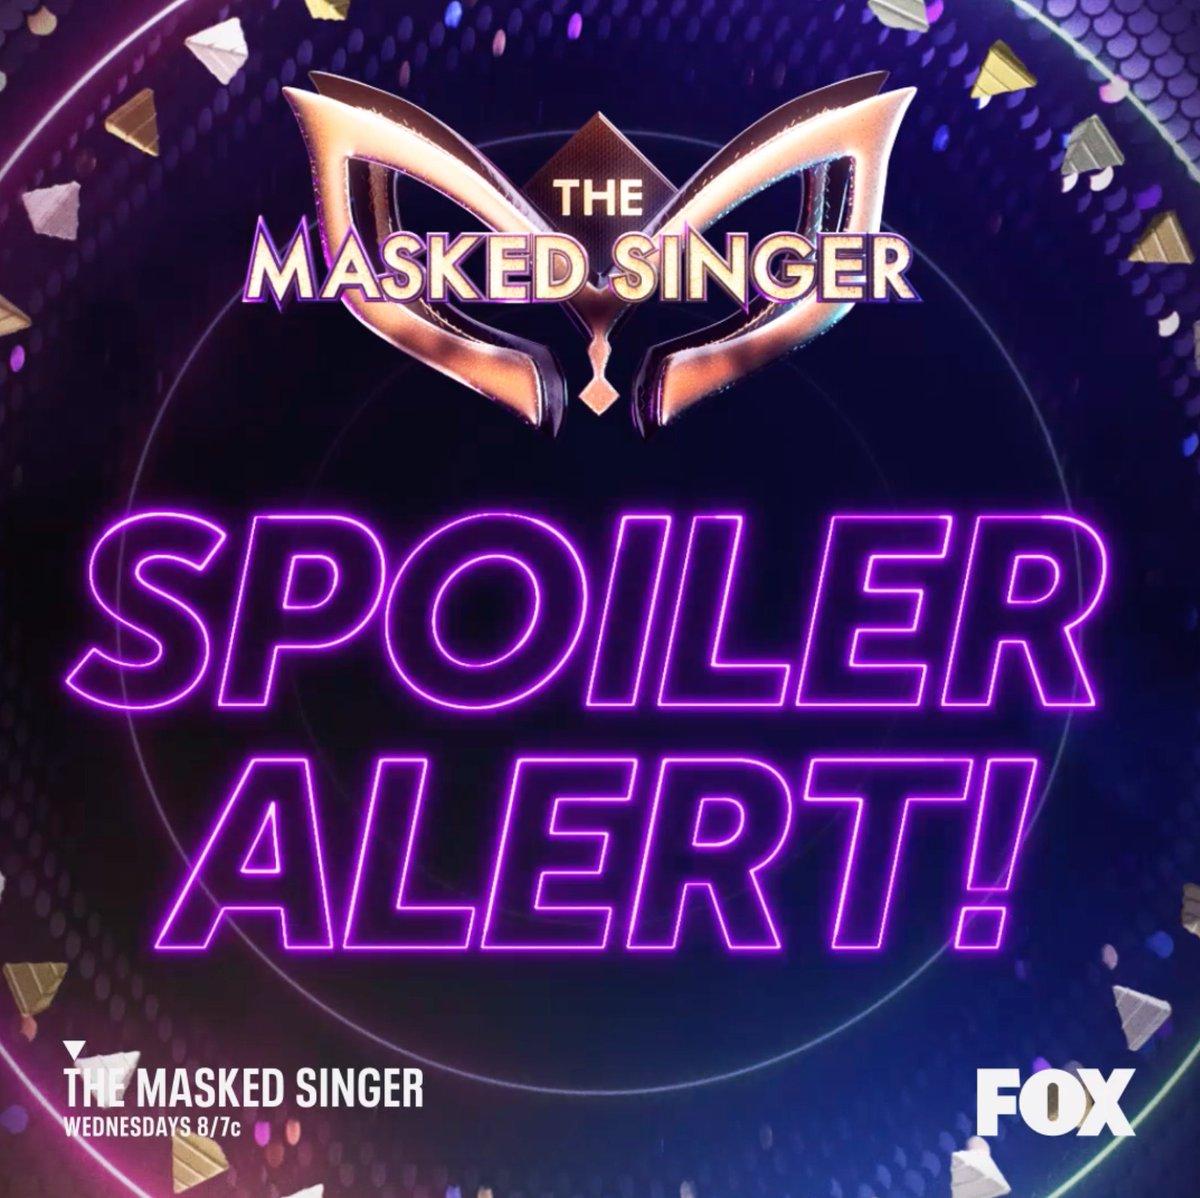 @MaskedSingerFOX's photo on #TRexMask